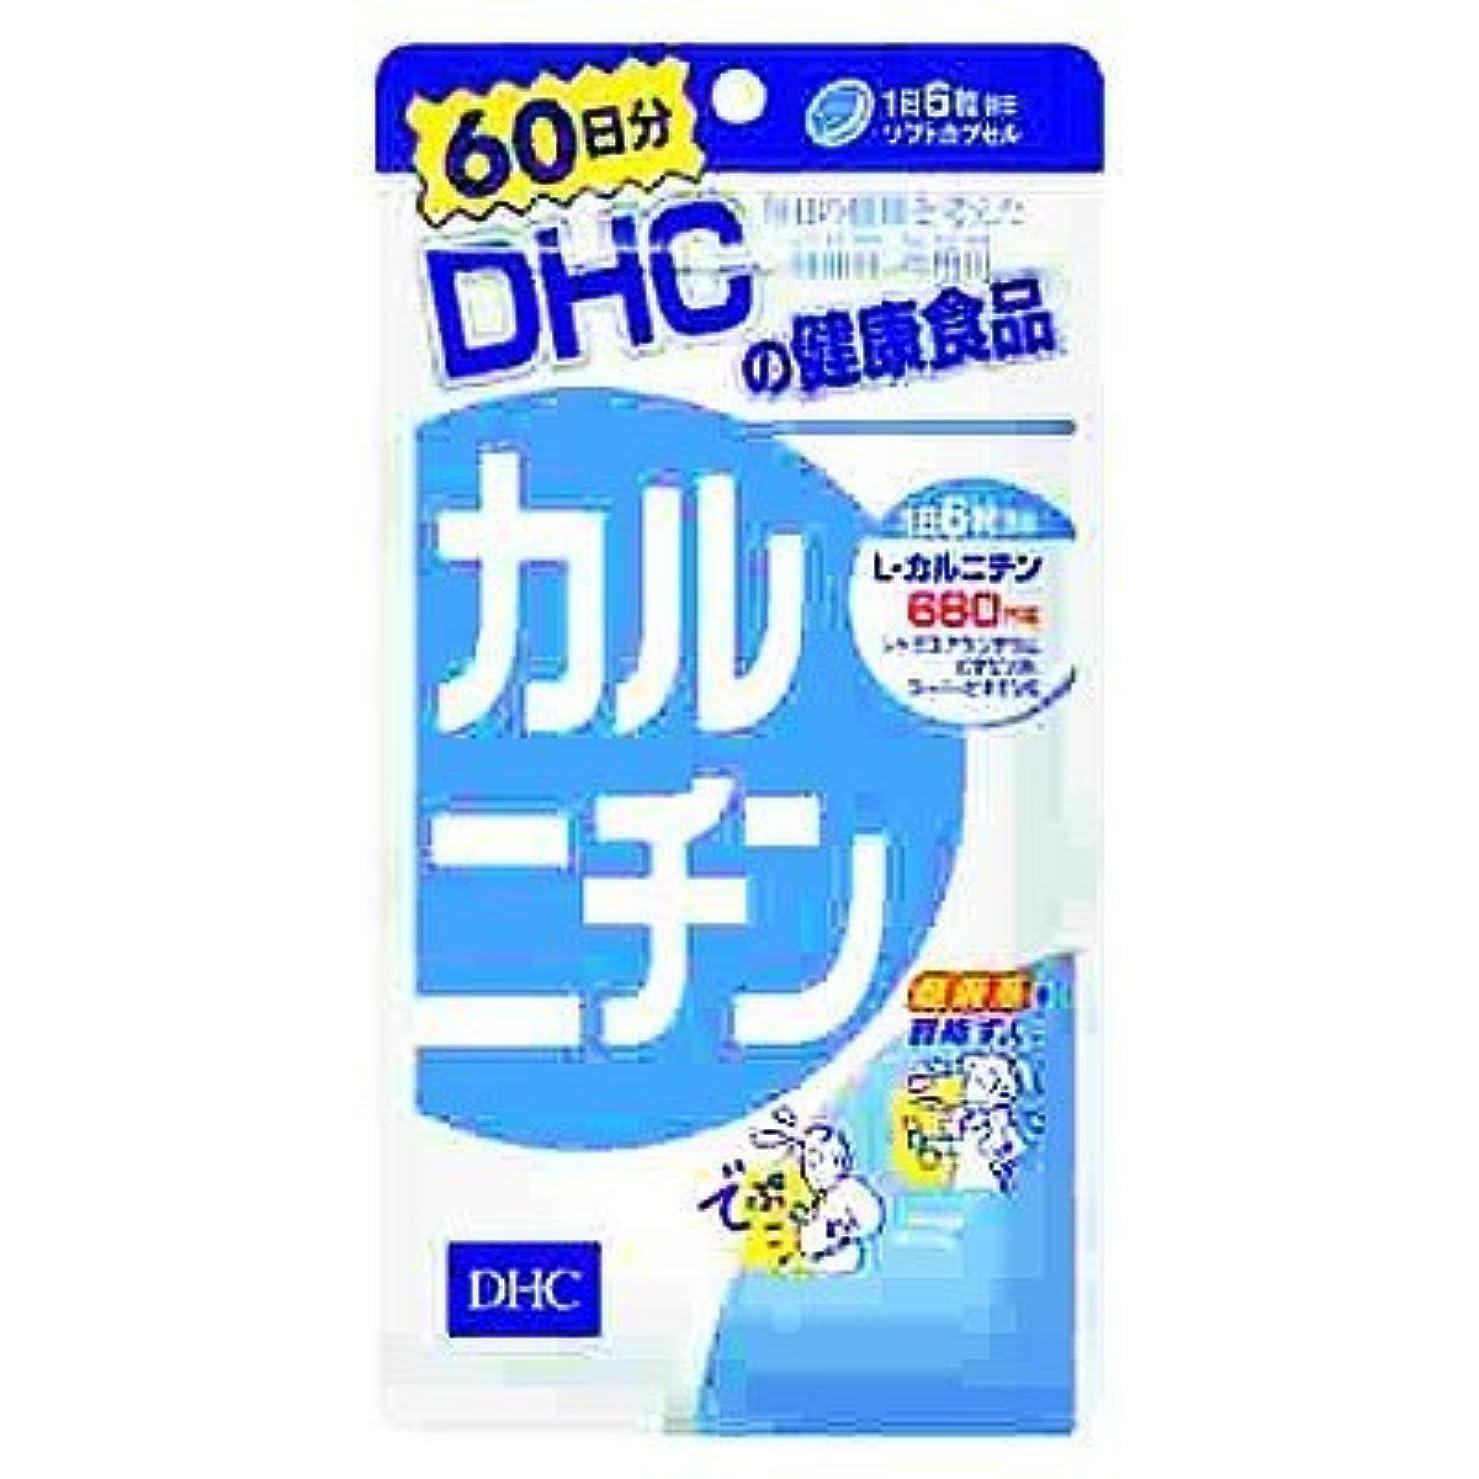 注釈試してみる事DHC60日分カルニチン